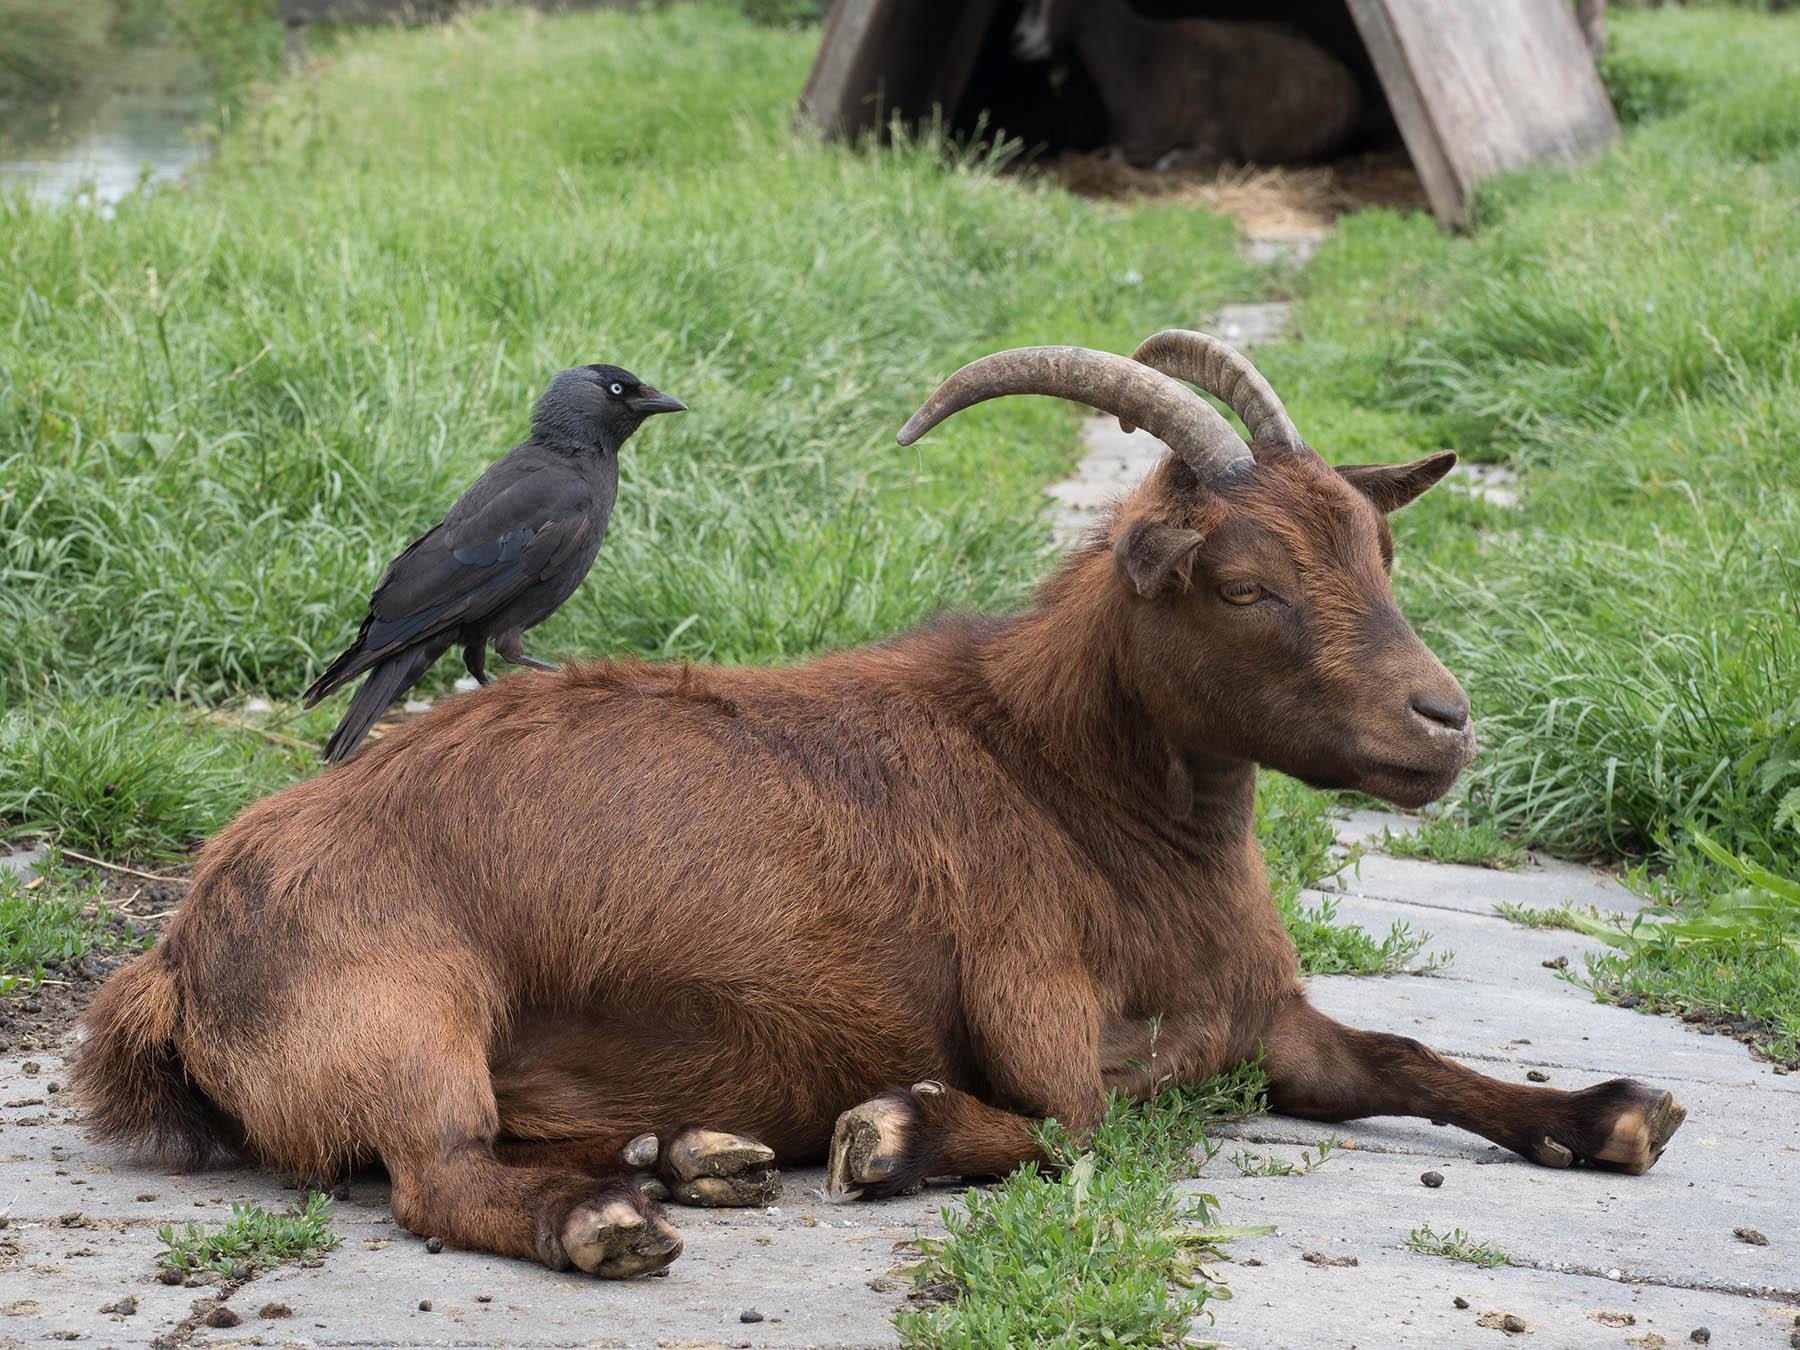 Галка обыкновенная (Corvus monedula). Автор фото: Сутормина Марина